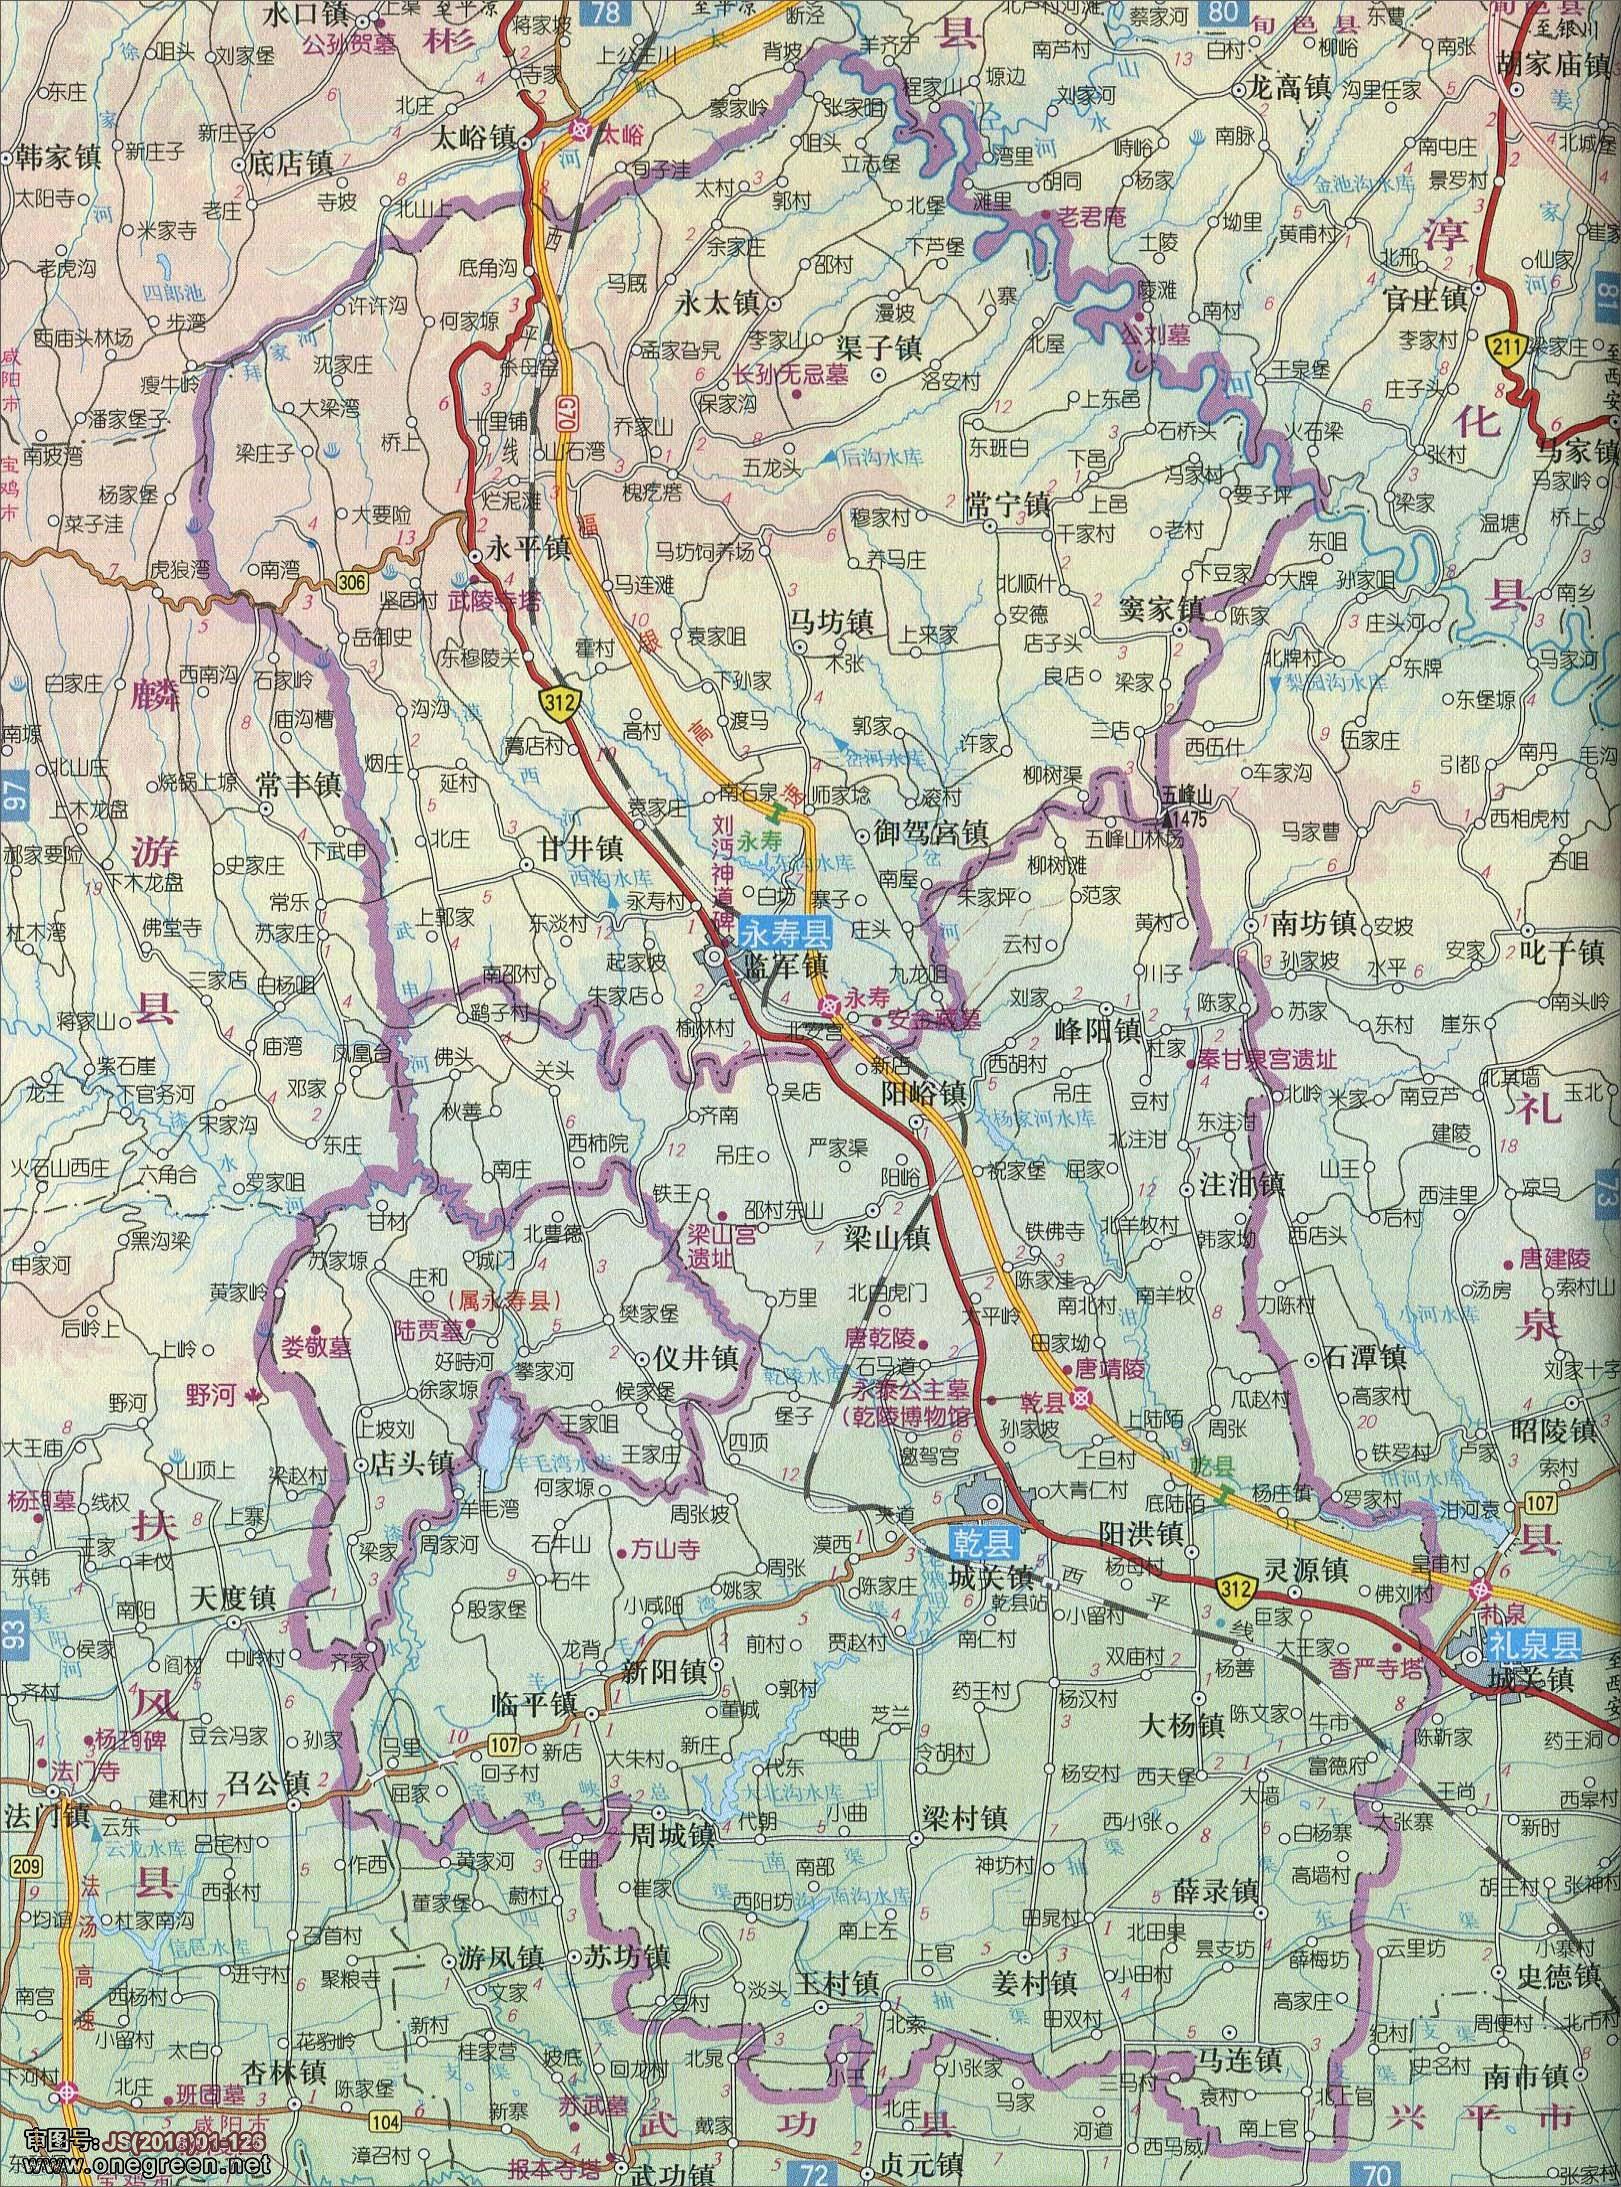 咸阳  渭南  汉中  榆林  安康  商洛 上一张地图: 杨陵区武功县地图图片